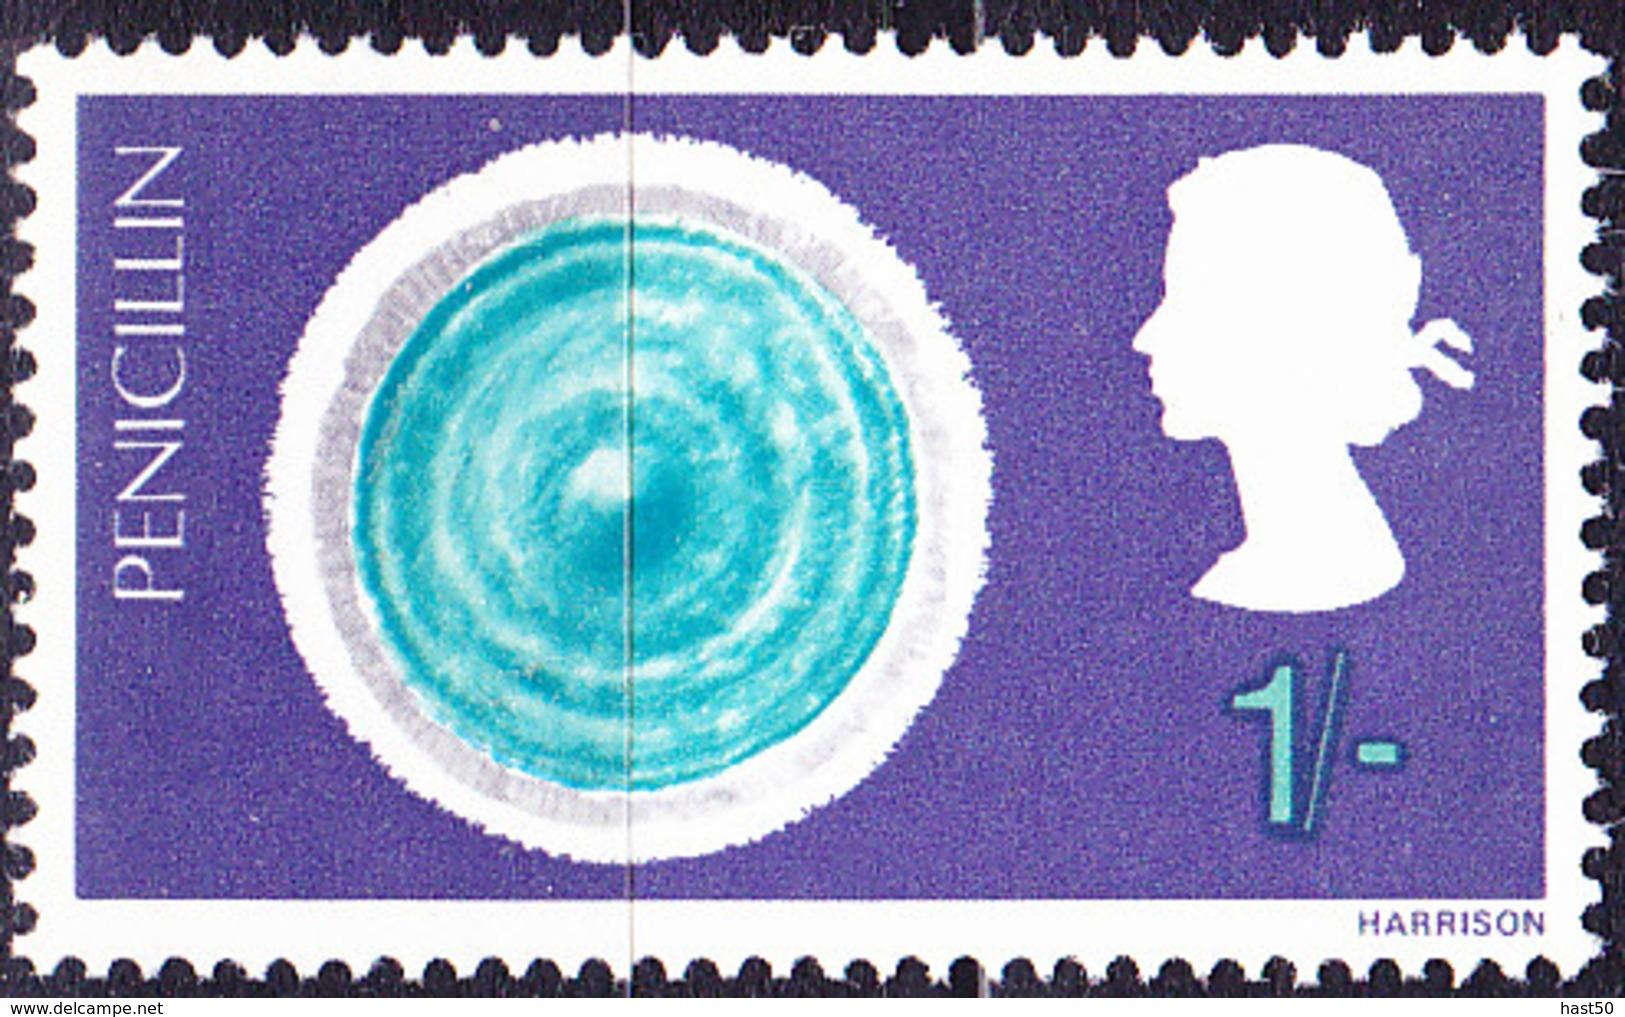 Großbritannien Great Britain Grande-Bretagne - Penechilin (MiNr: 471) 1967 - Postfrisch MNH - Unused Stamps